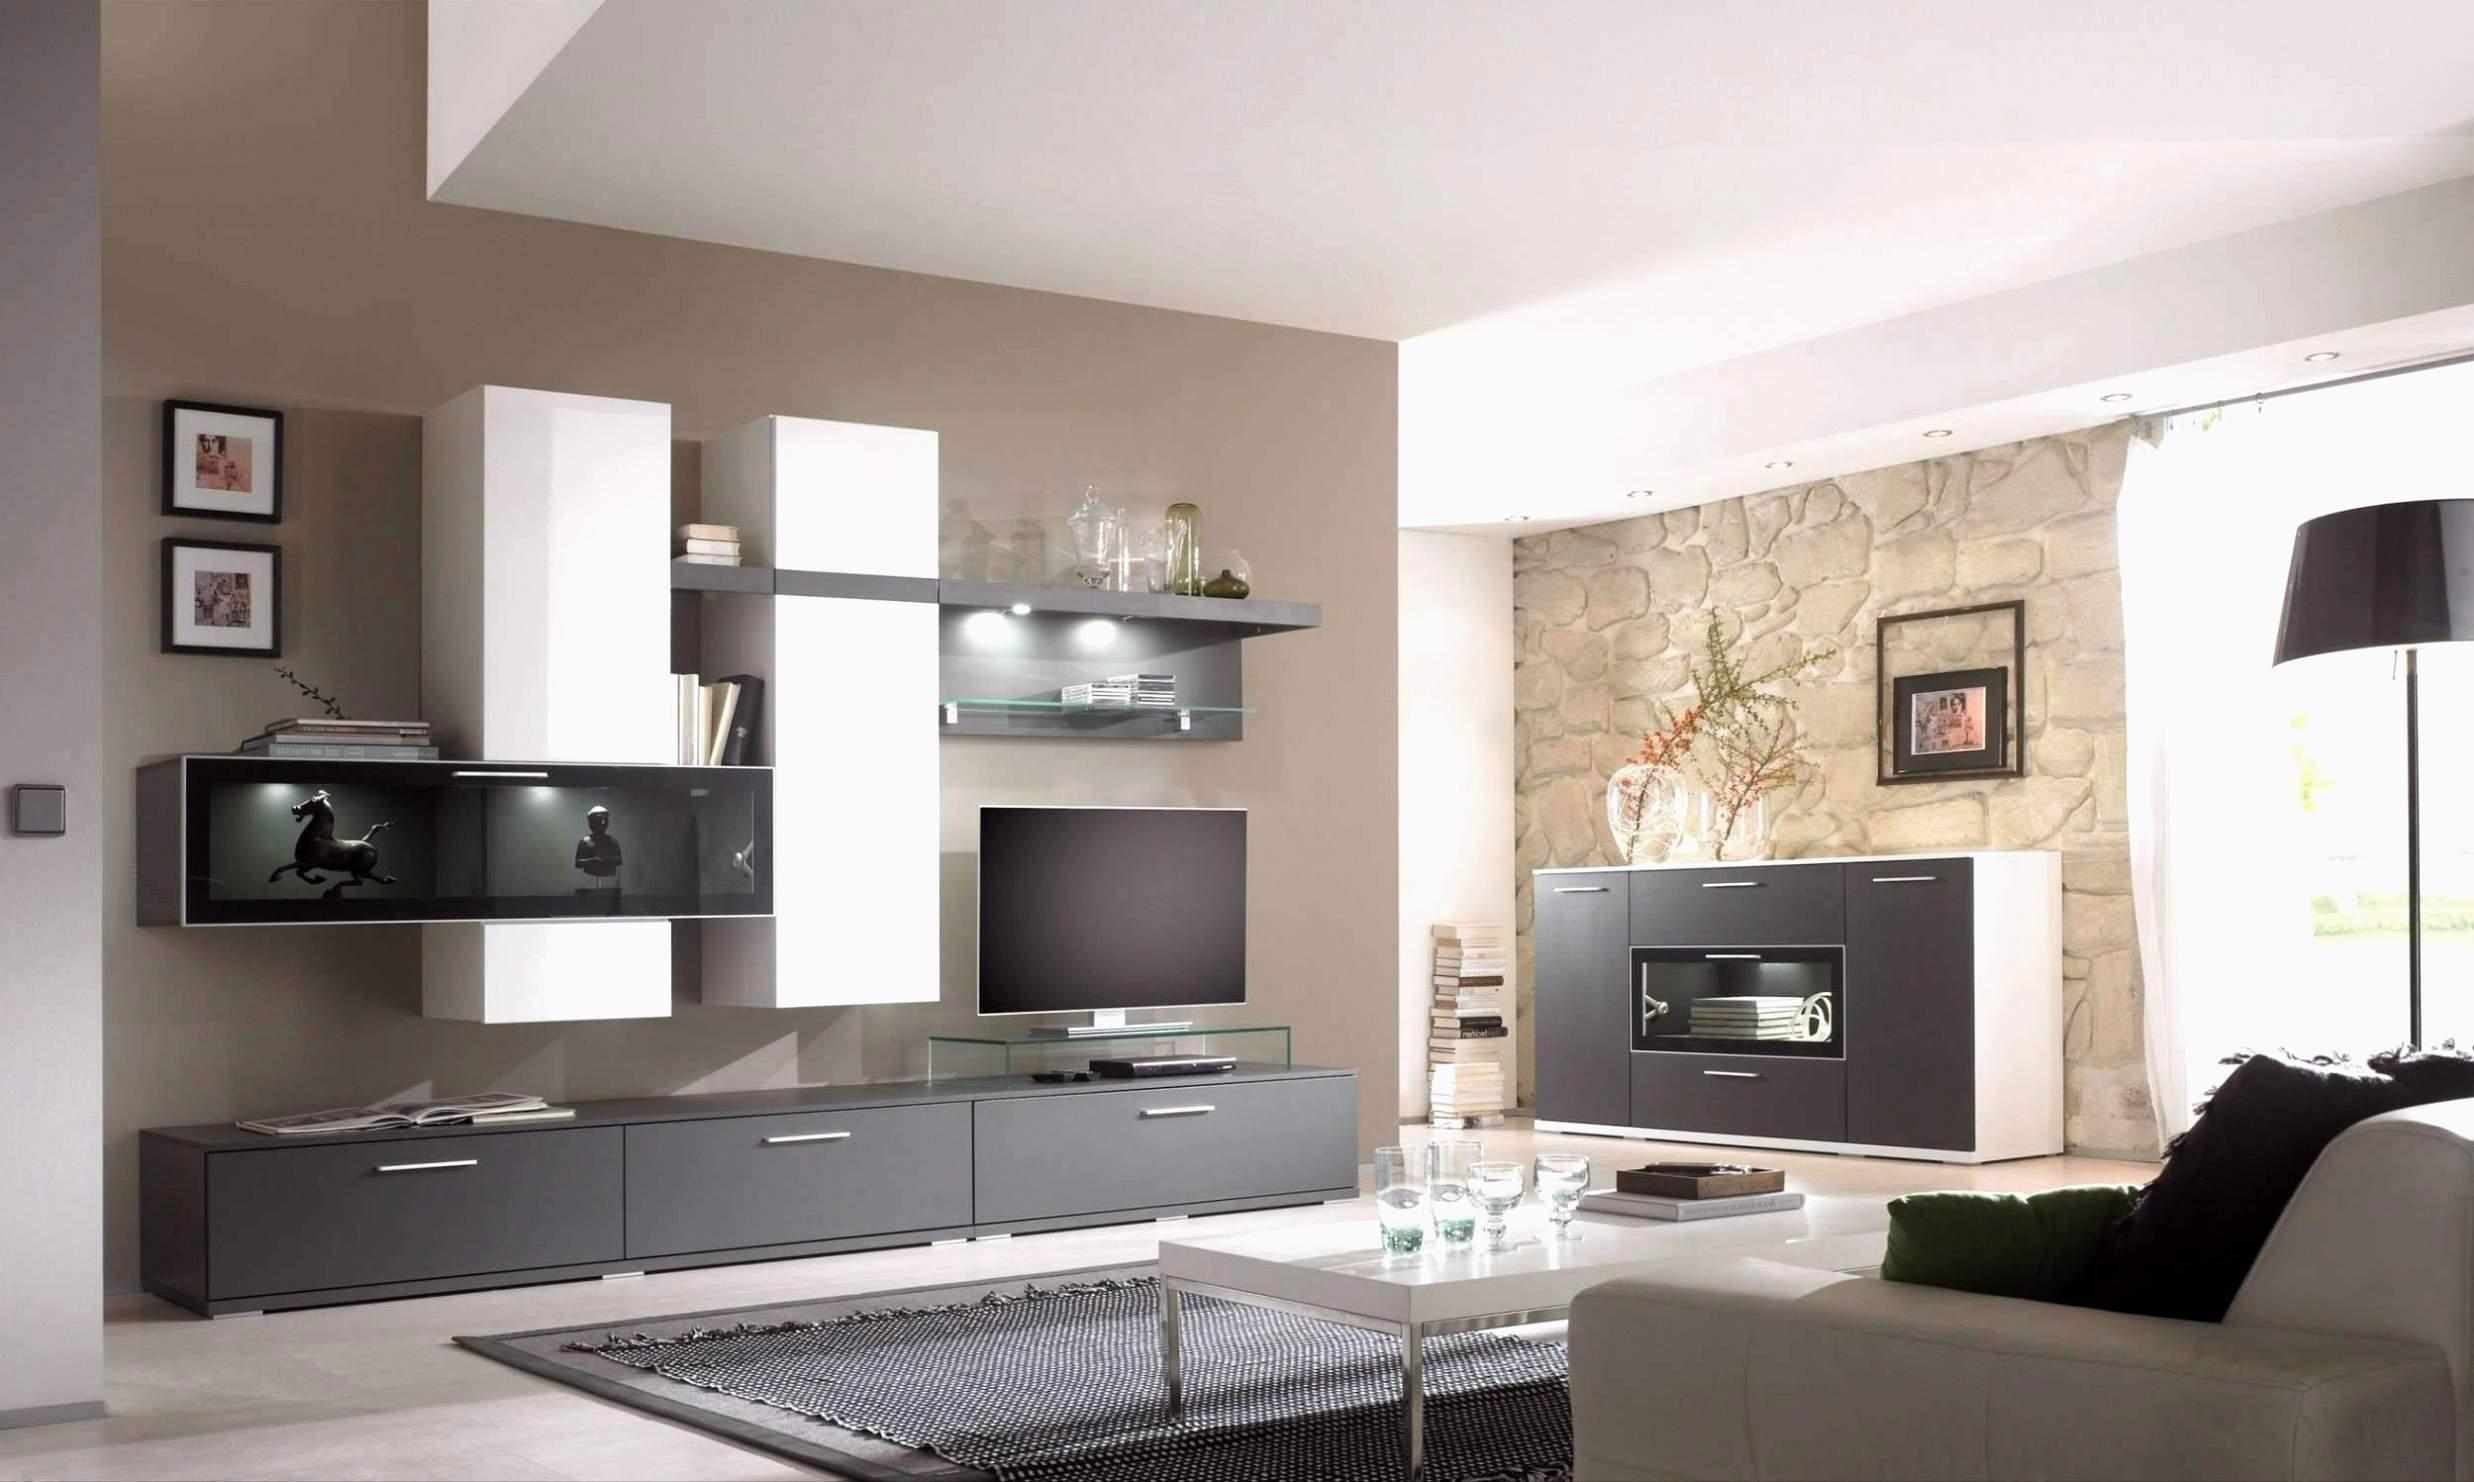 kamin wohnzimmer einzigartig wohnideen wohnzimmer bilder modern und luxus kamin modern 0d of kamin wohnzimmer